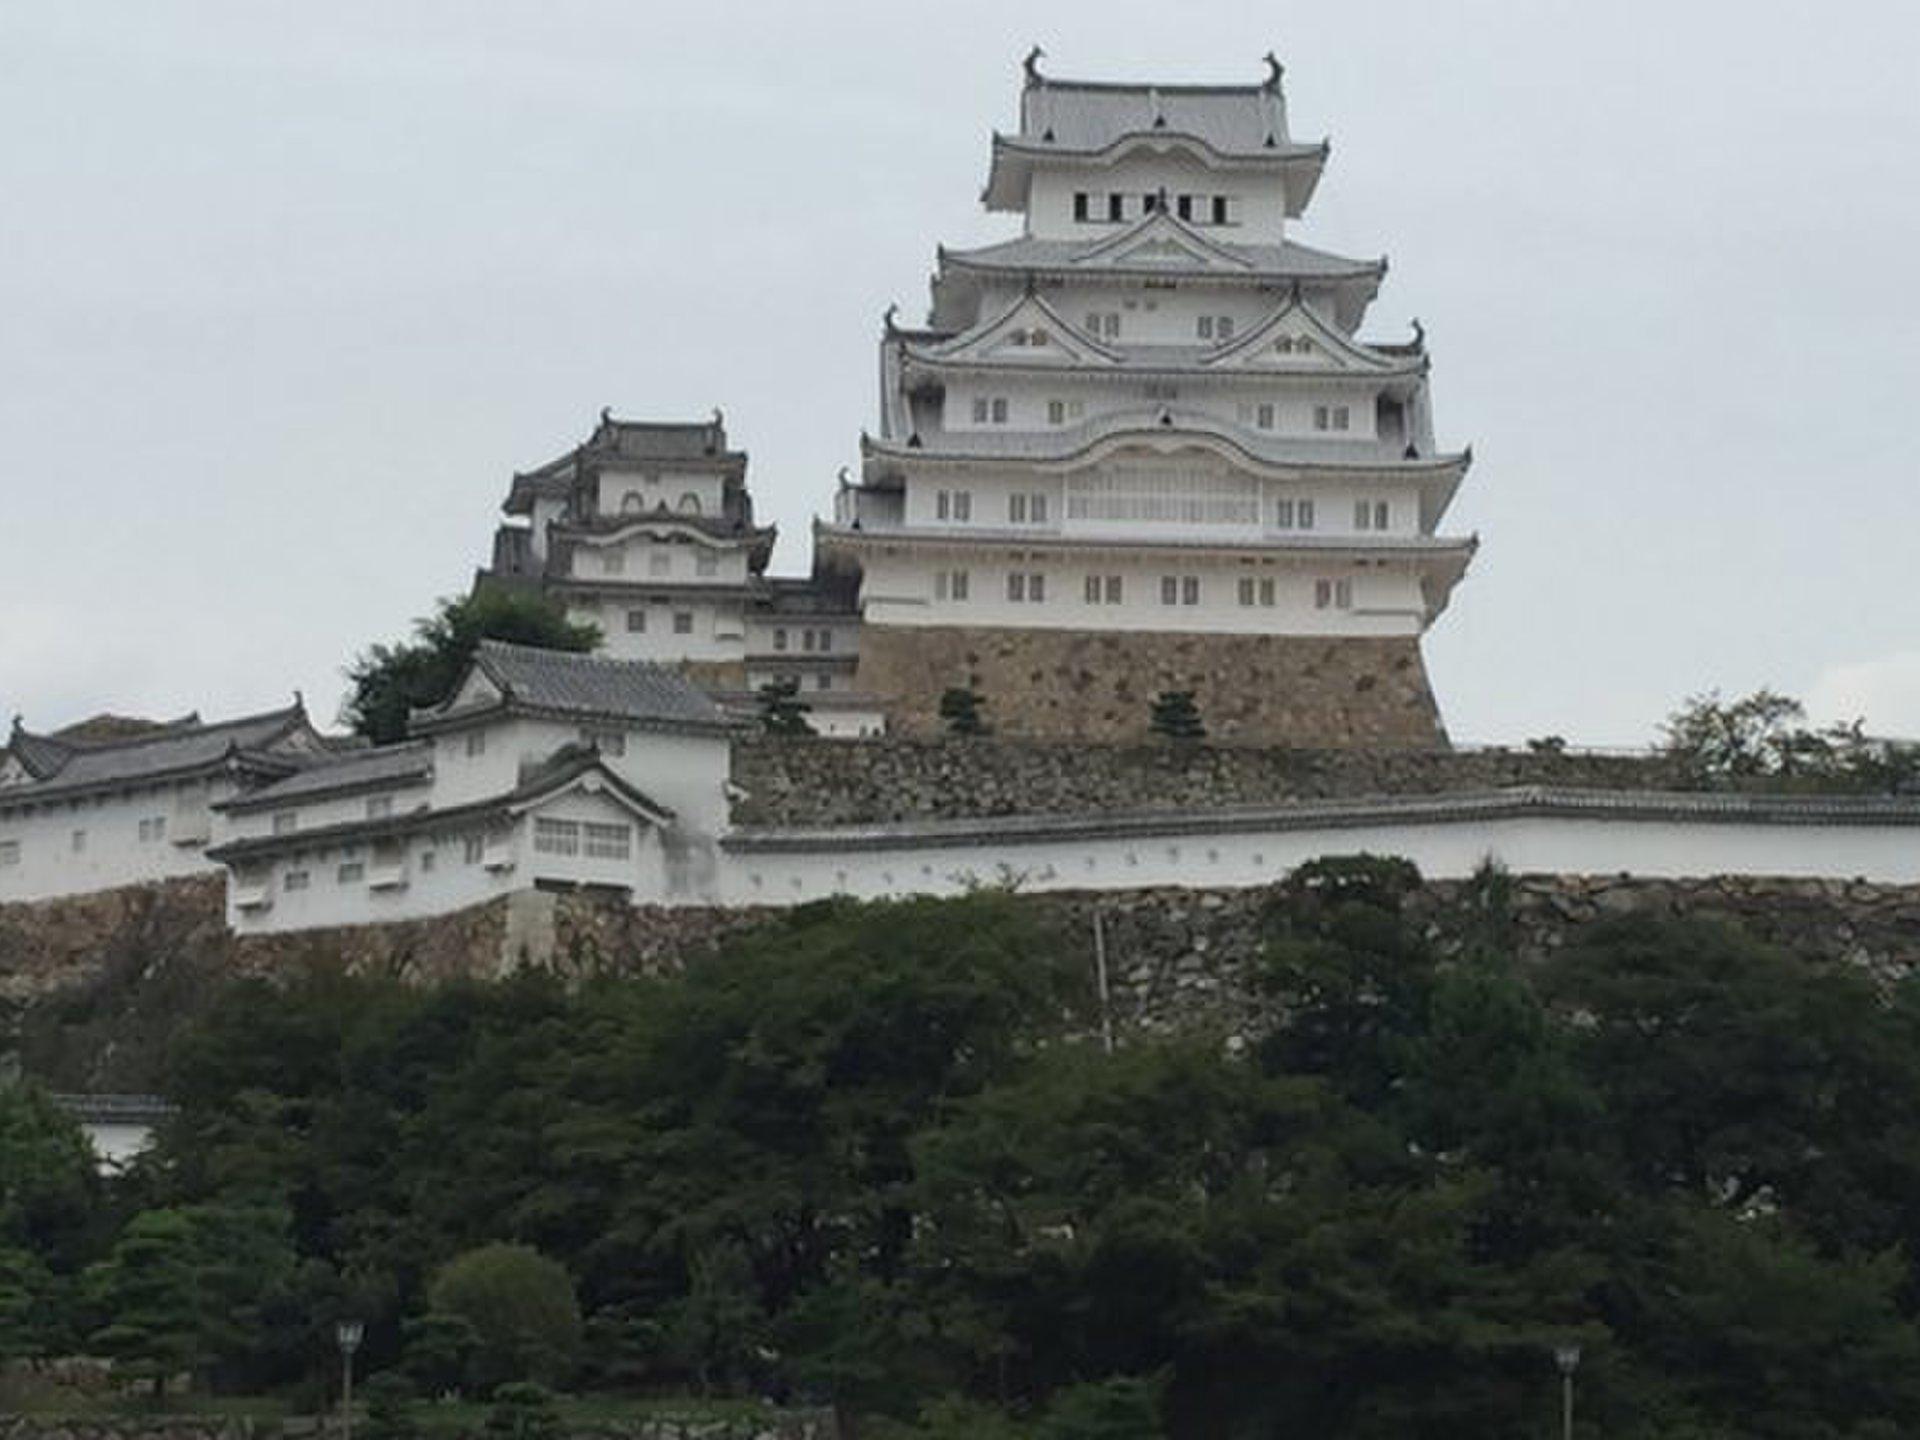 【姫路城】真っ白な世界遺産・姫路城!兵庫に行くなら欠かせない観光名所